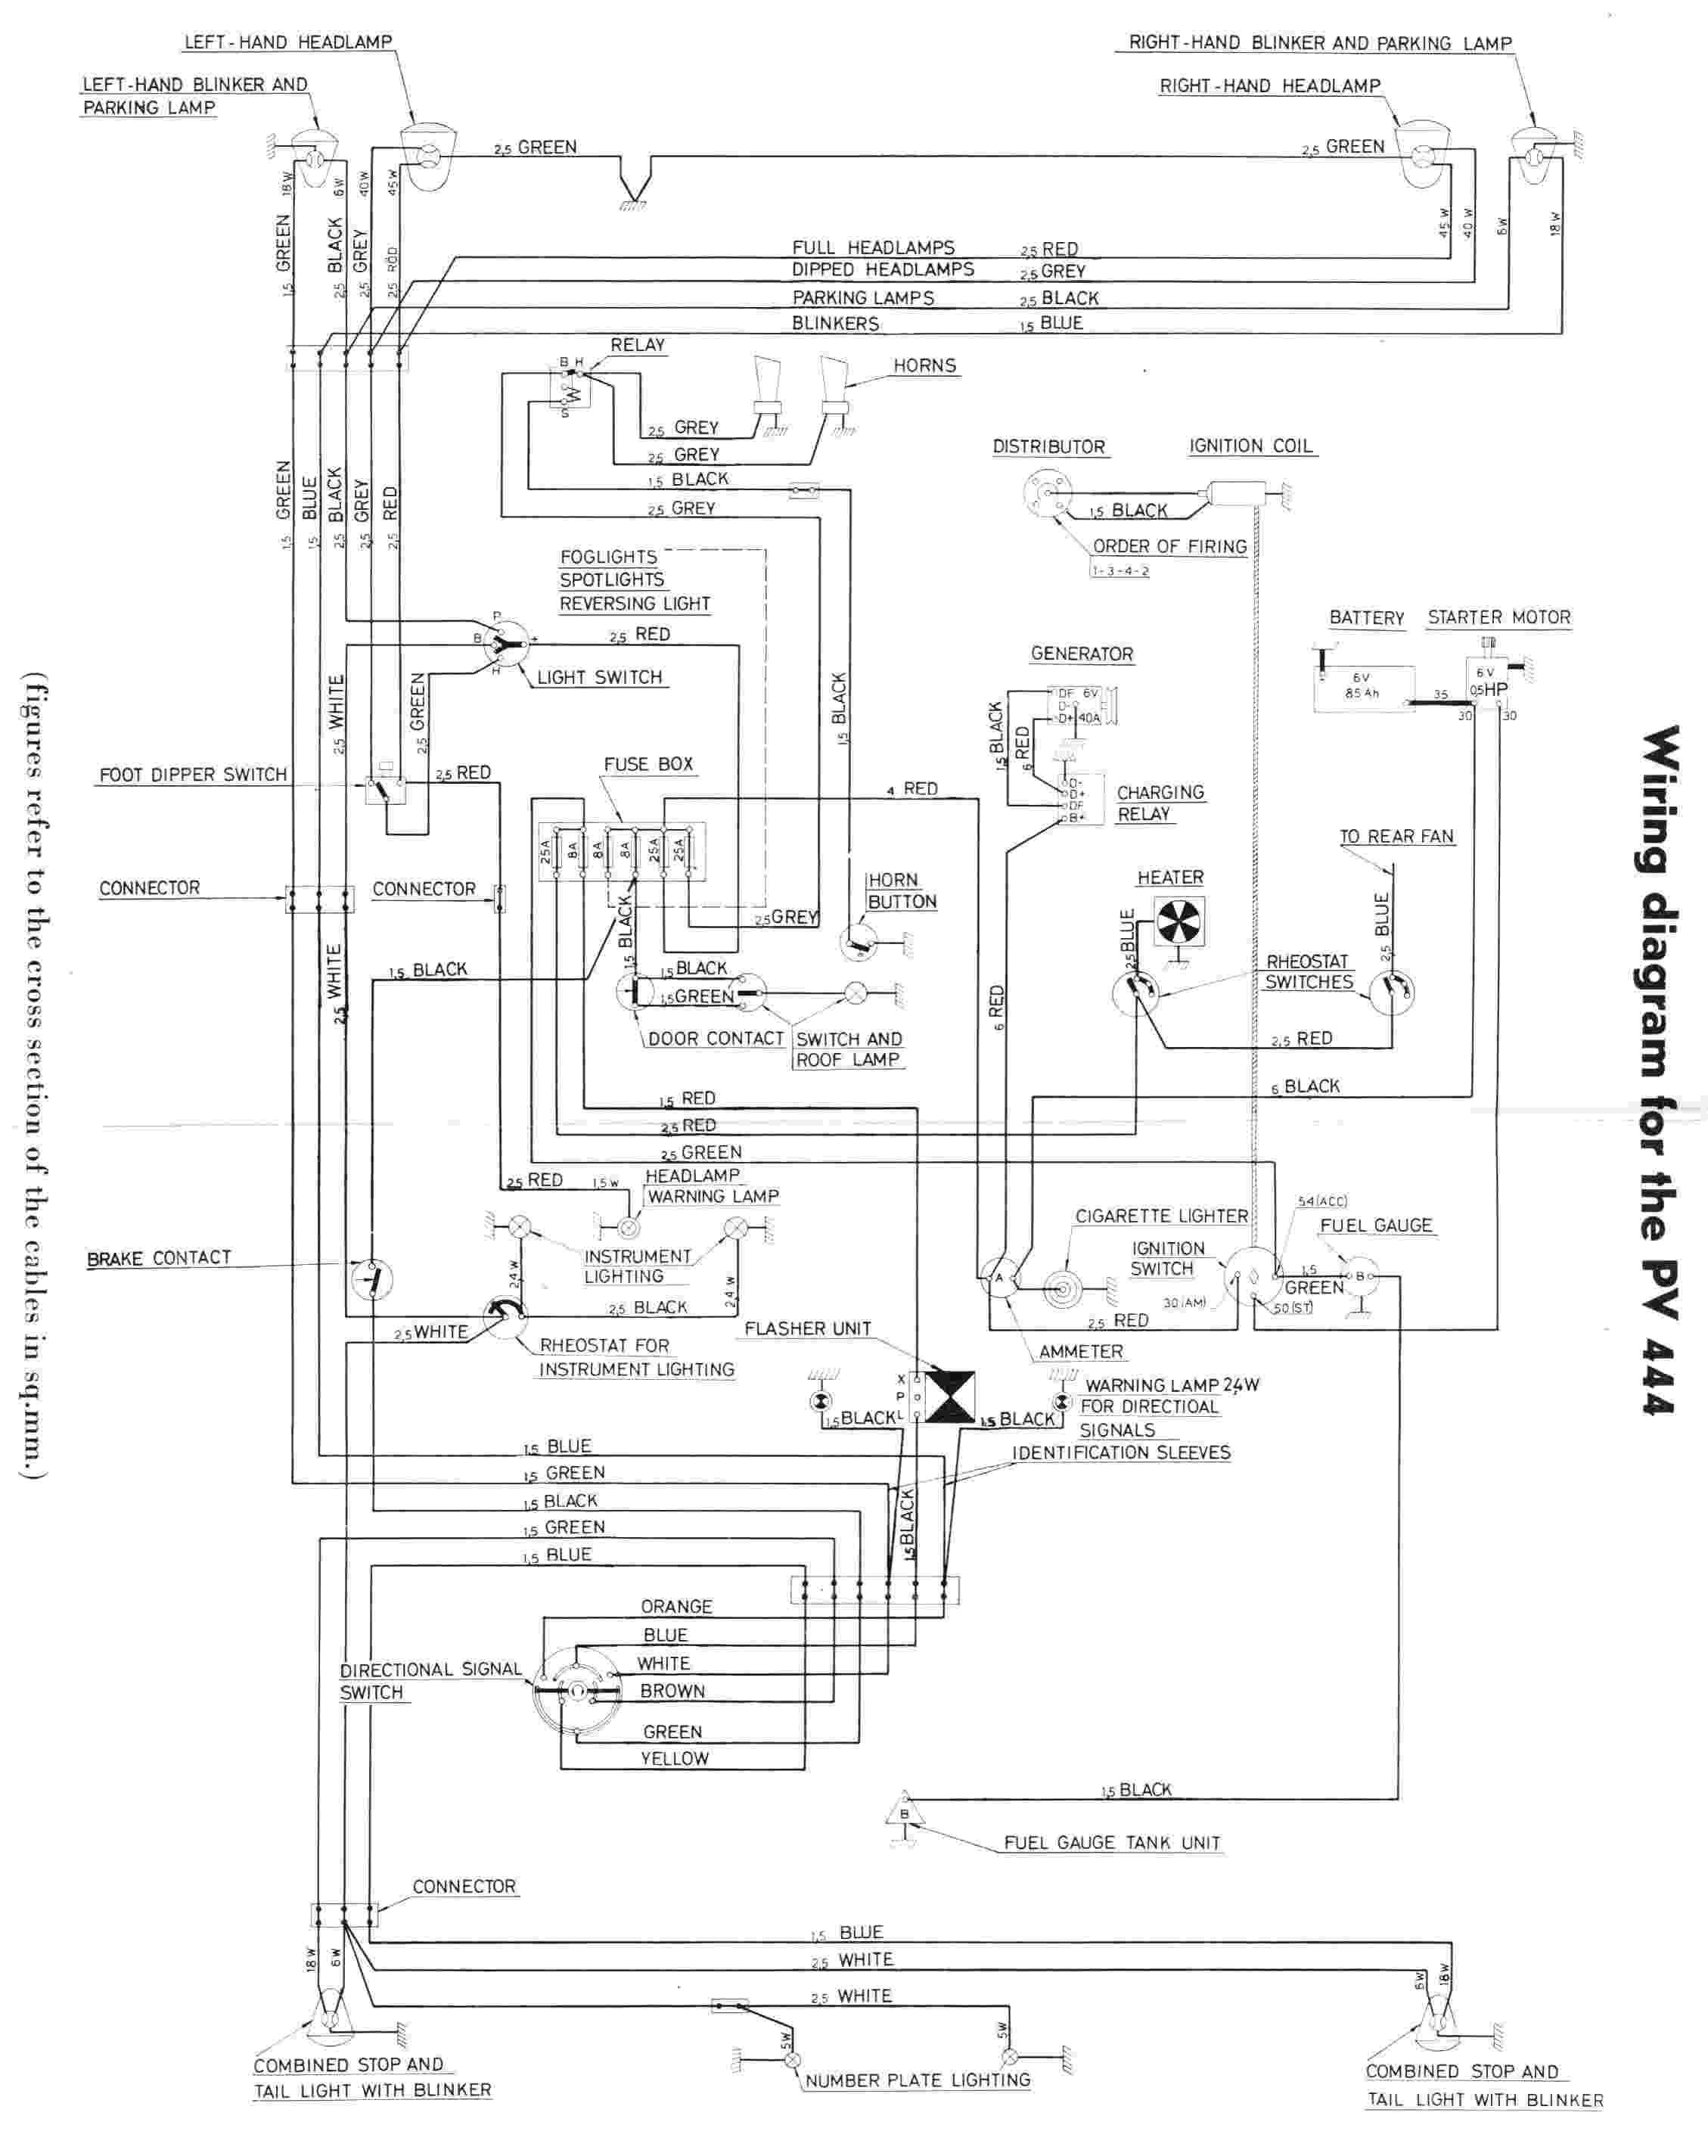 volvo v70 radio wiring diagram wiring library rh 52 insidestralsund de volvo truck wiring schematic volvo [ 2258 x 2850 Pixel ]